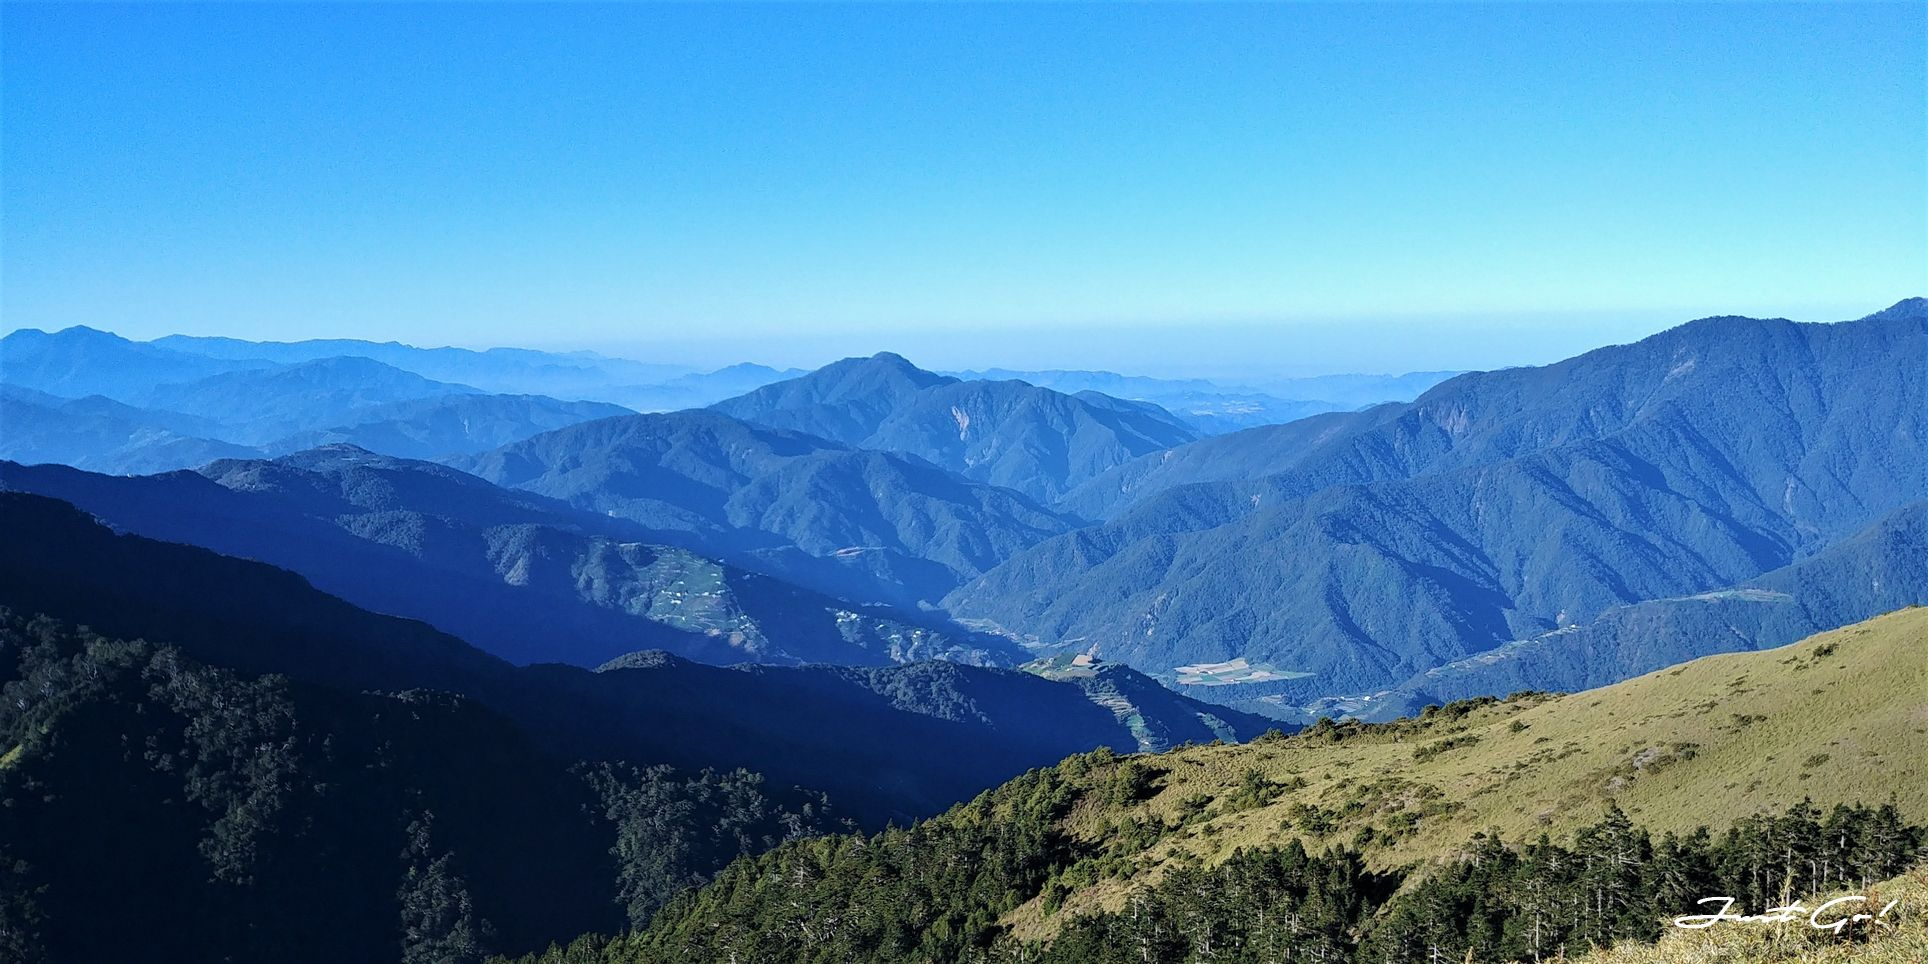 一日百岳·9小時單攻合歡西峰北峰-地圖gpx、行程規劃、申請、登山口12